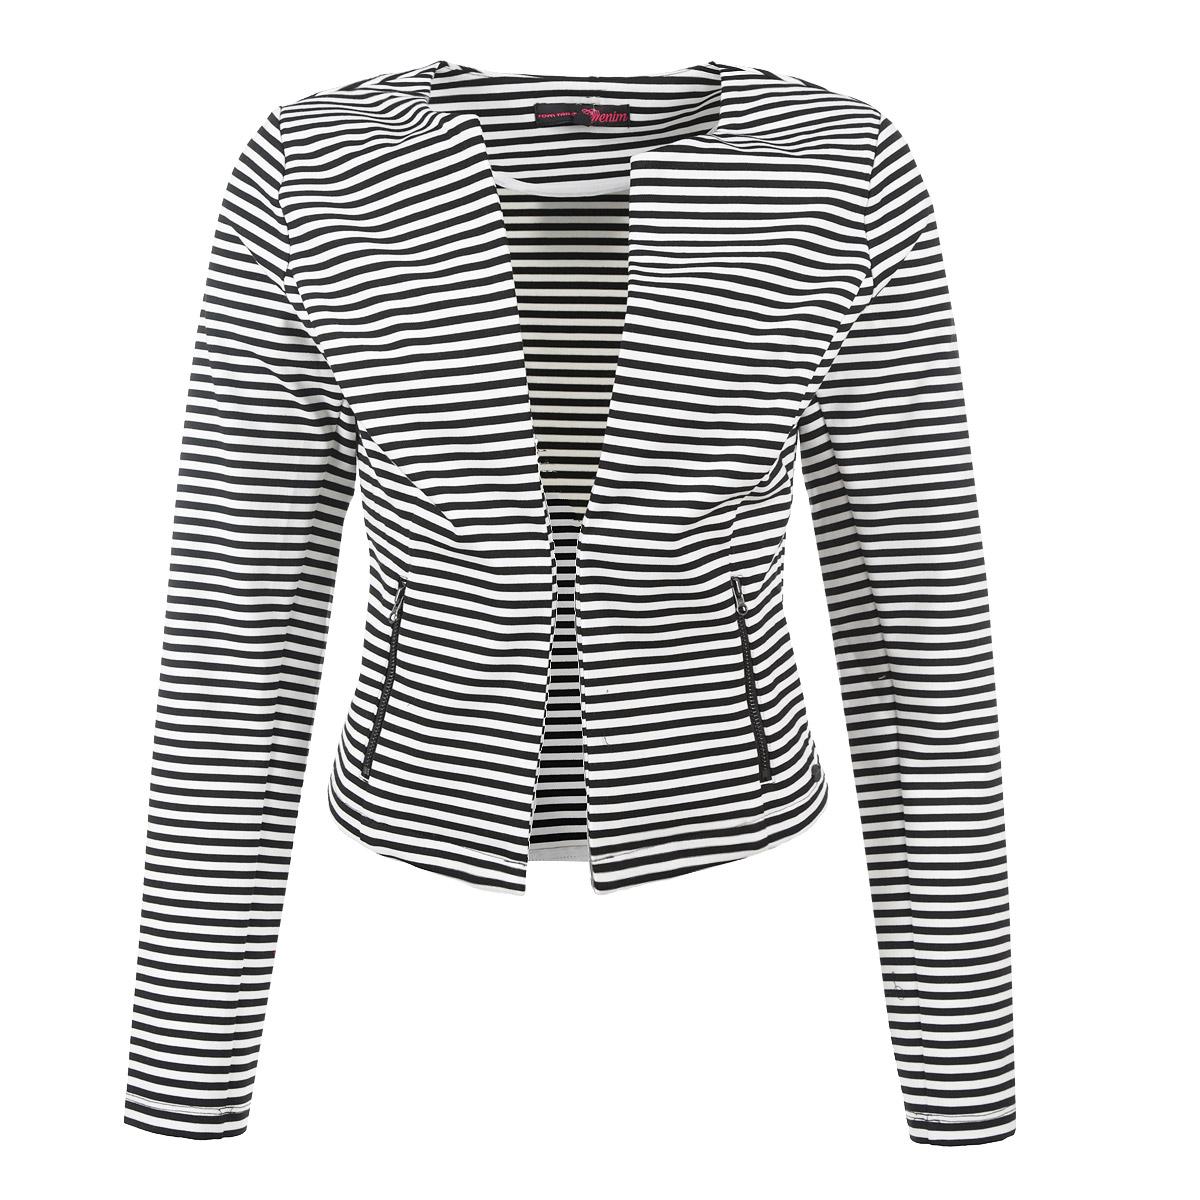 Пиджак3922187.01.71Стильный женский пиджак Tom Tailor Denim, выполненный из высококачественного трикотажного материала, обладает высокой теплопроводностью, воздухопроницаемостью и гигроскопичностью, очень приятен при носке. Модель приталенного кроя с длинными рукавами - идеальный вариант для создания образа в стиле Casual. Пиджак без застежки. Изделие оформлено полосатым принтом. Спереди предусмотрены втачные карманы на металлических молниях. Такая модель будет дарить вам комфорт в течение всего дня и послужит замечательным дополнением к вашему гардеробу.